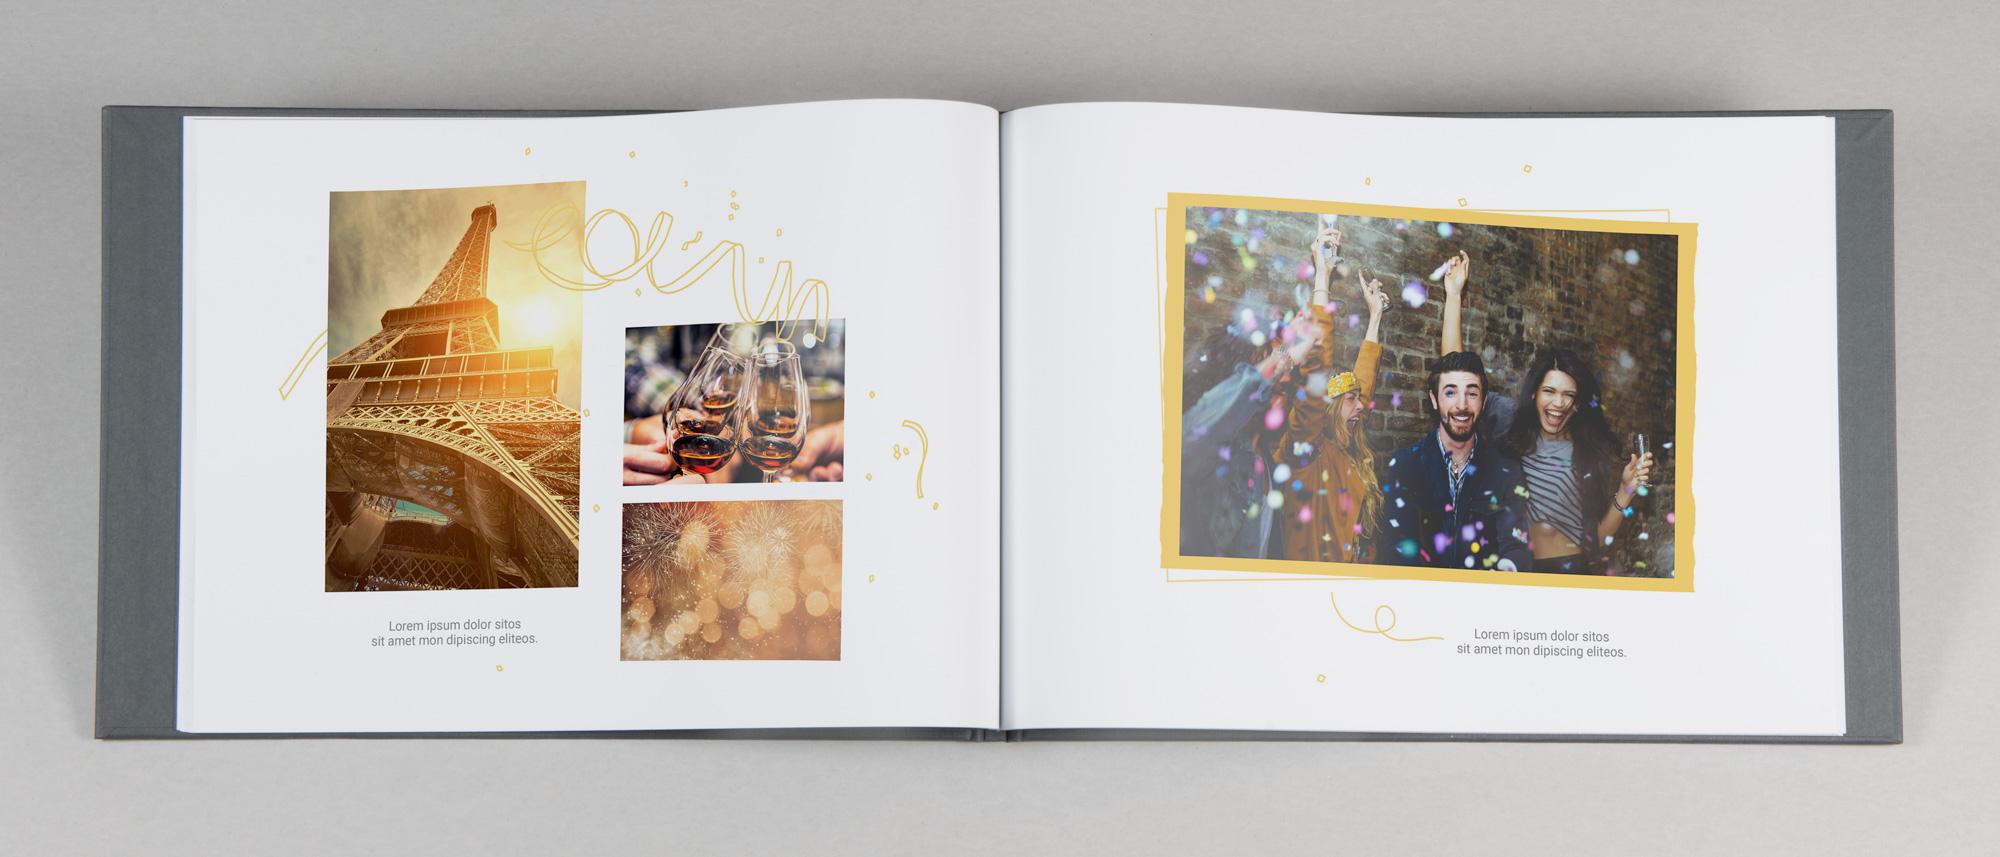 Fotobok med designat fest och födelsedagstema